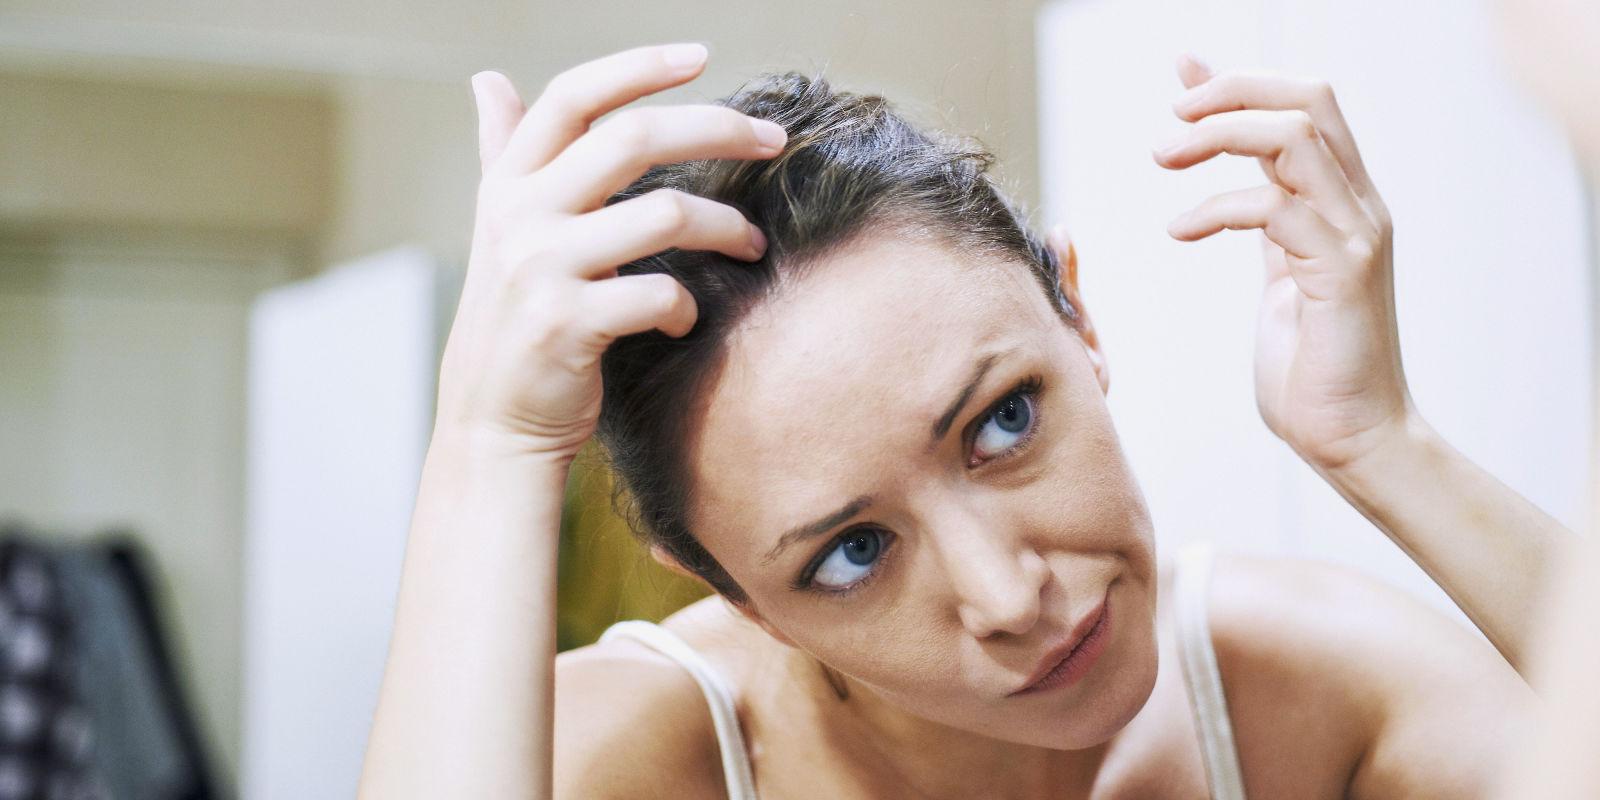 Как избавиться от перхоти на голове у подростков – причины и лечение